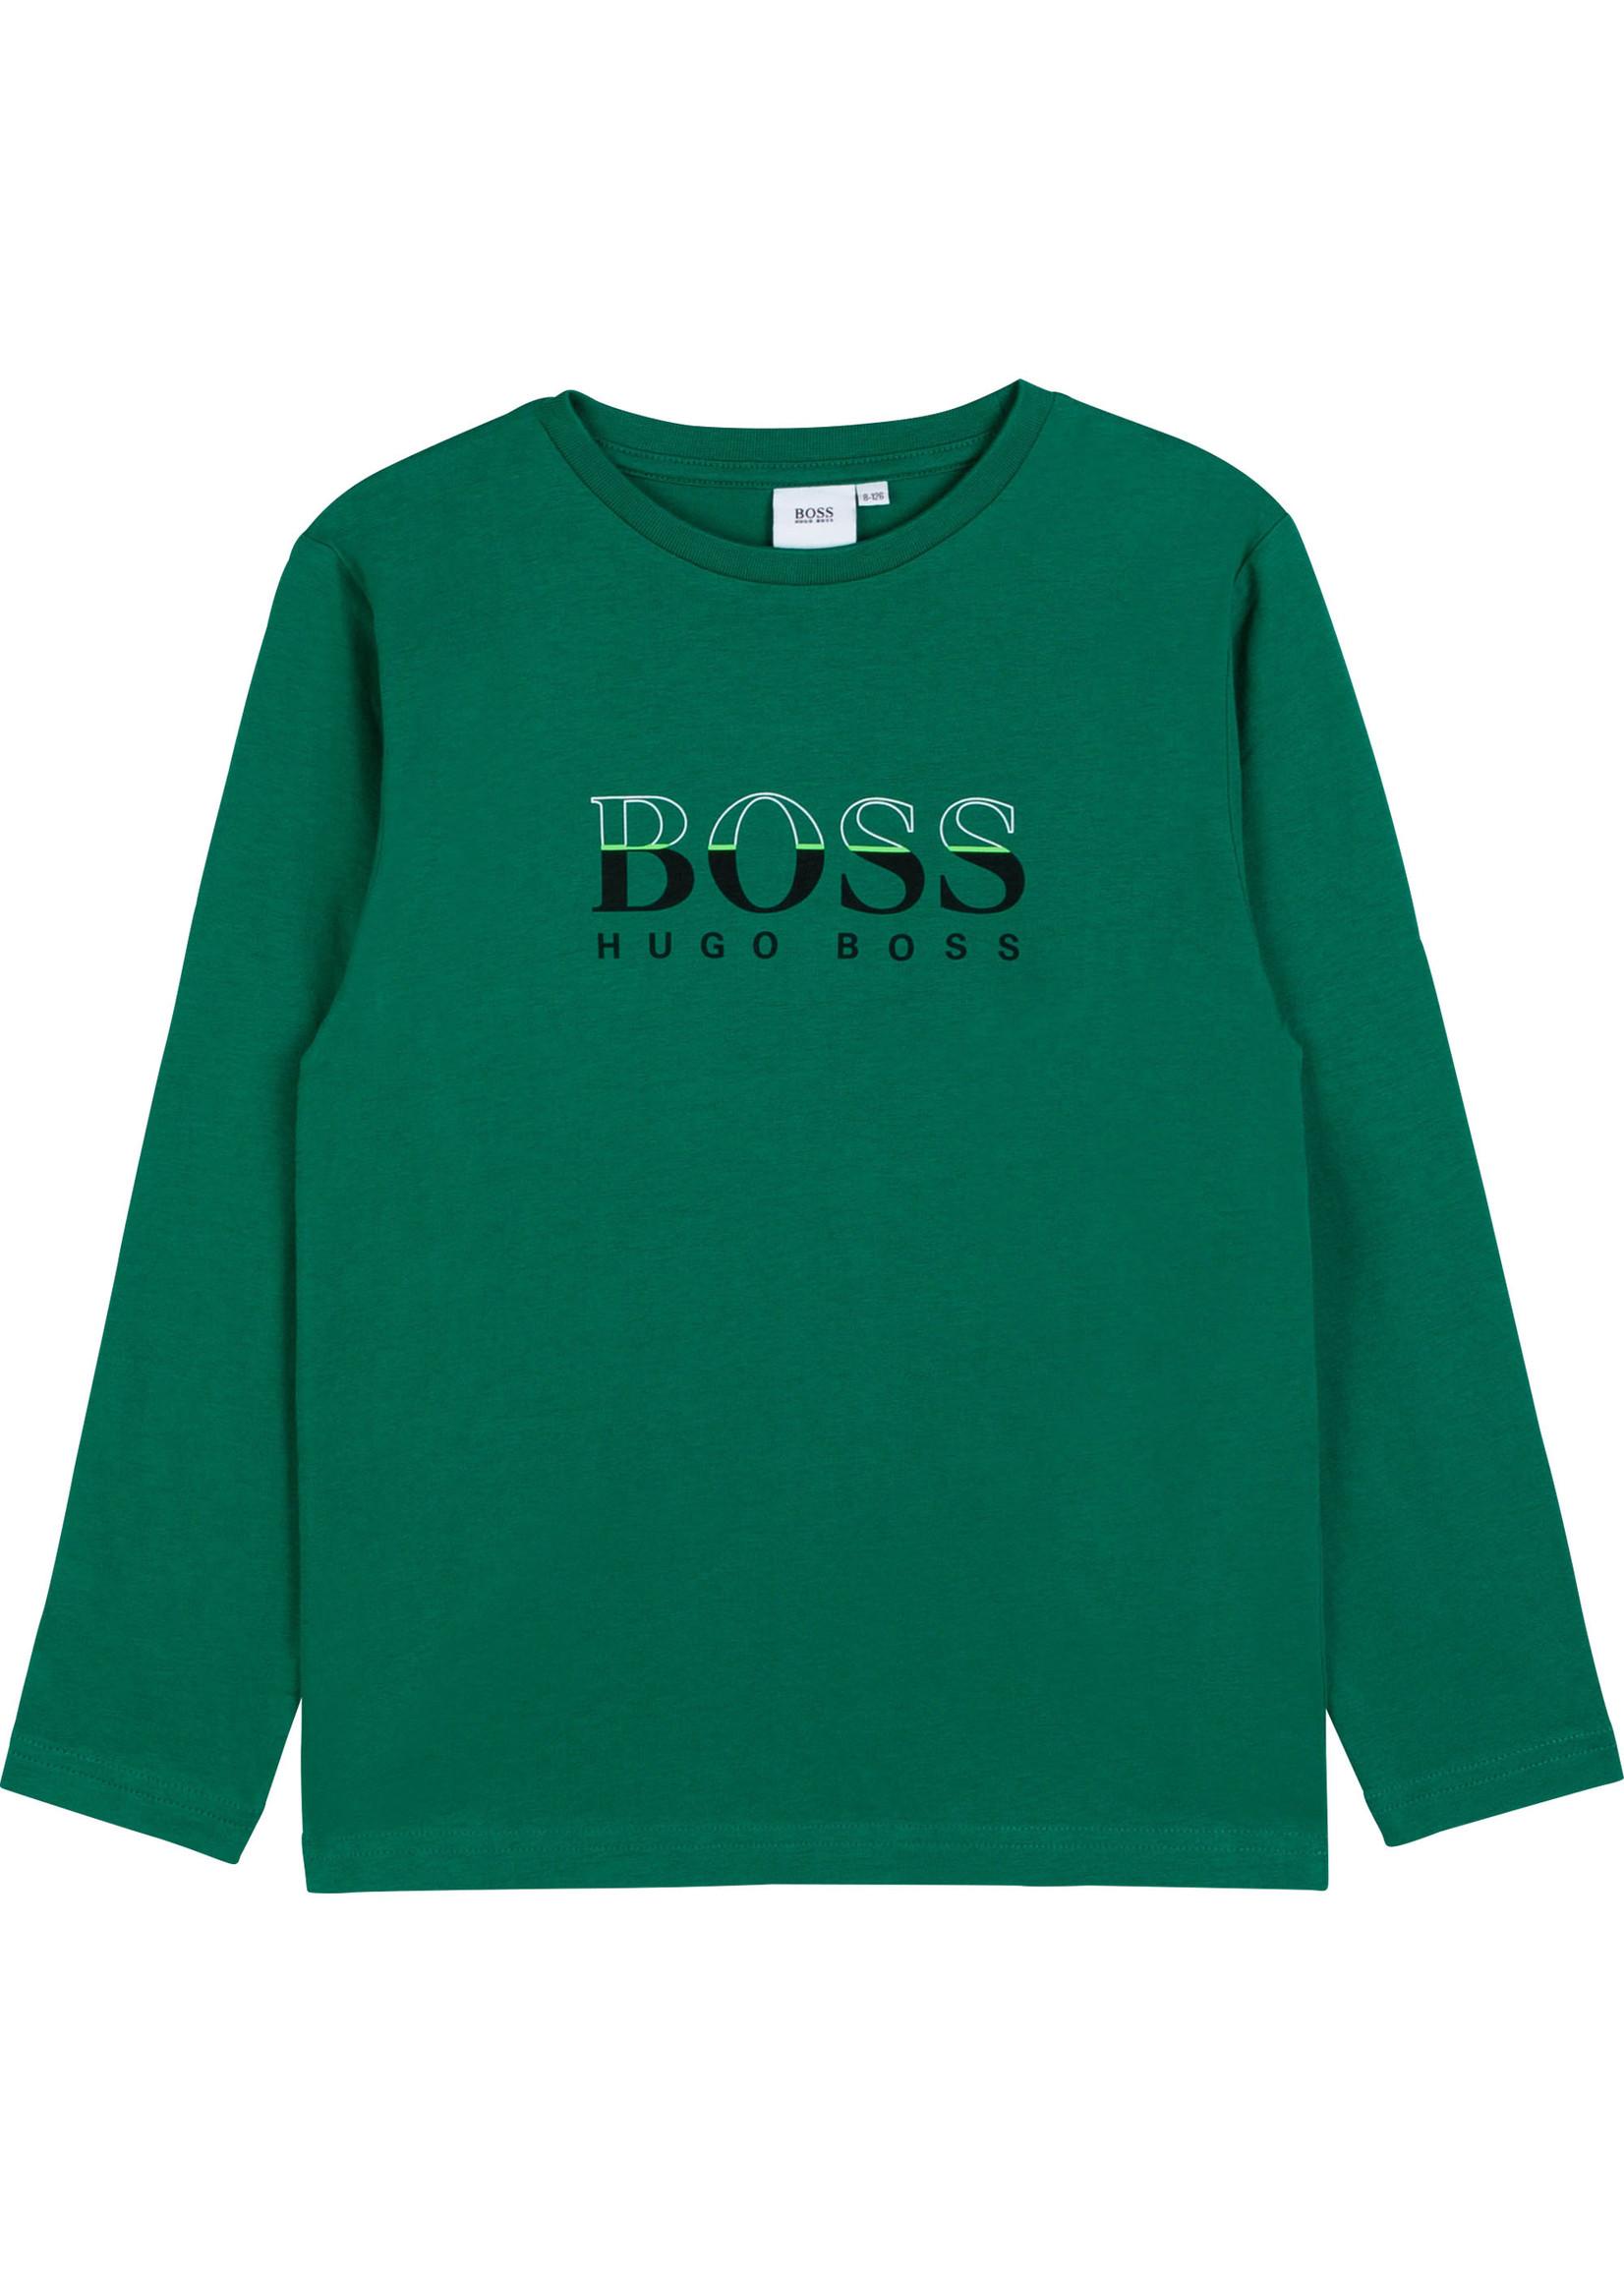 """HUGO BOSS HUGO BOSS Longsleeve """"Boss"""" groen"""